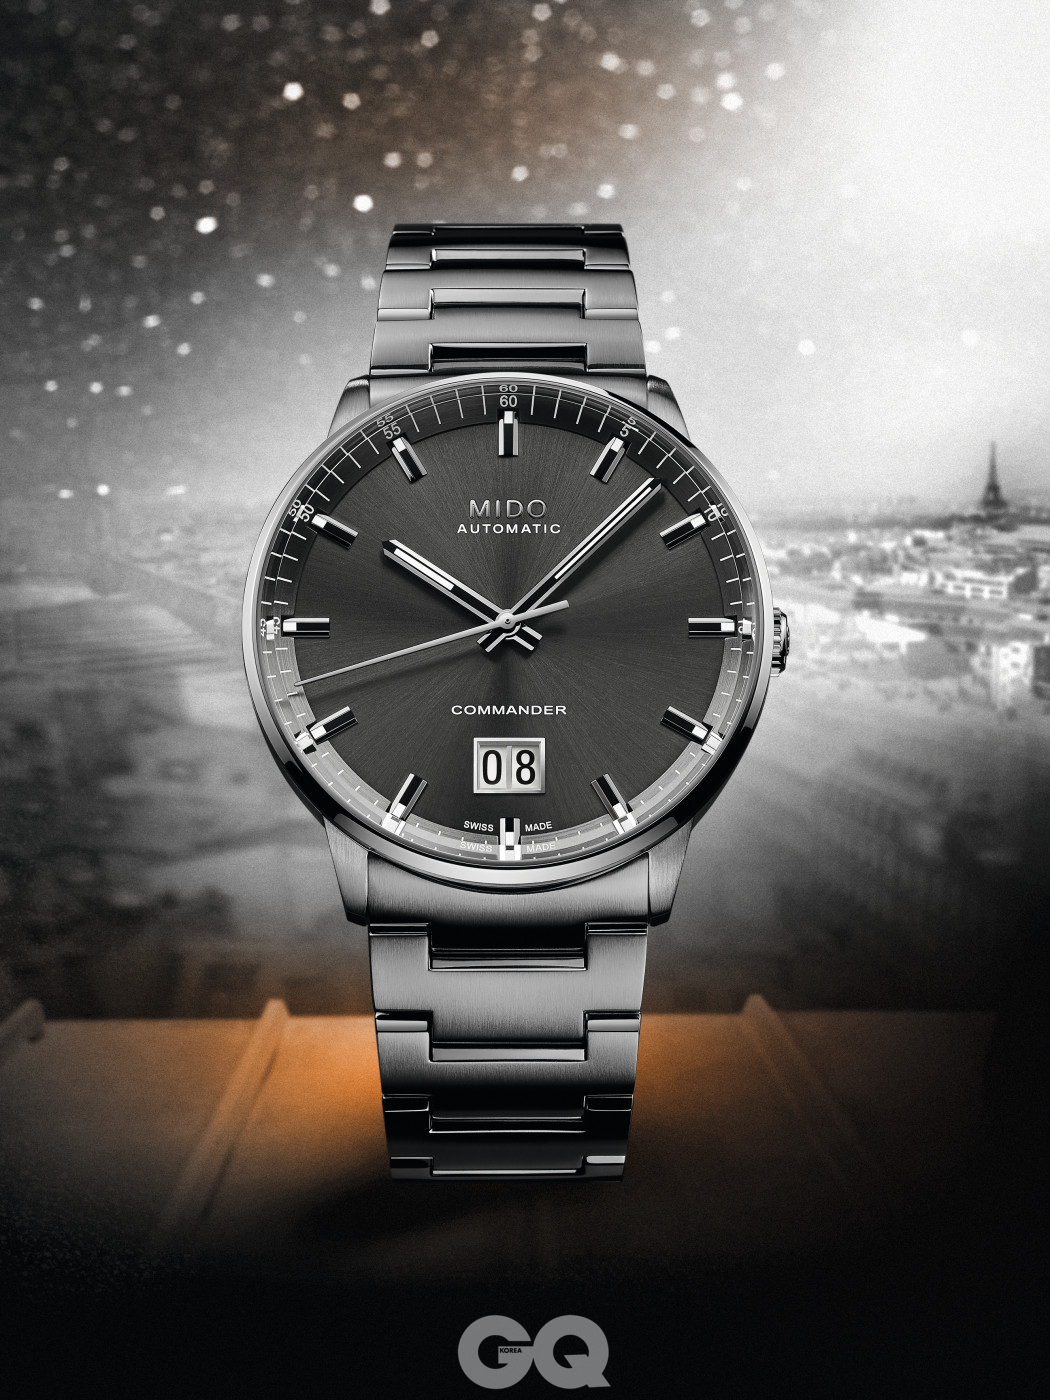 파리의 랜드마크 에펠탑에서 영감을 받아 디자인한 미도 100주년 기념 모델 '커맨더 빅 데이트'.